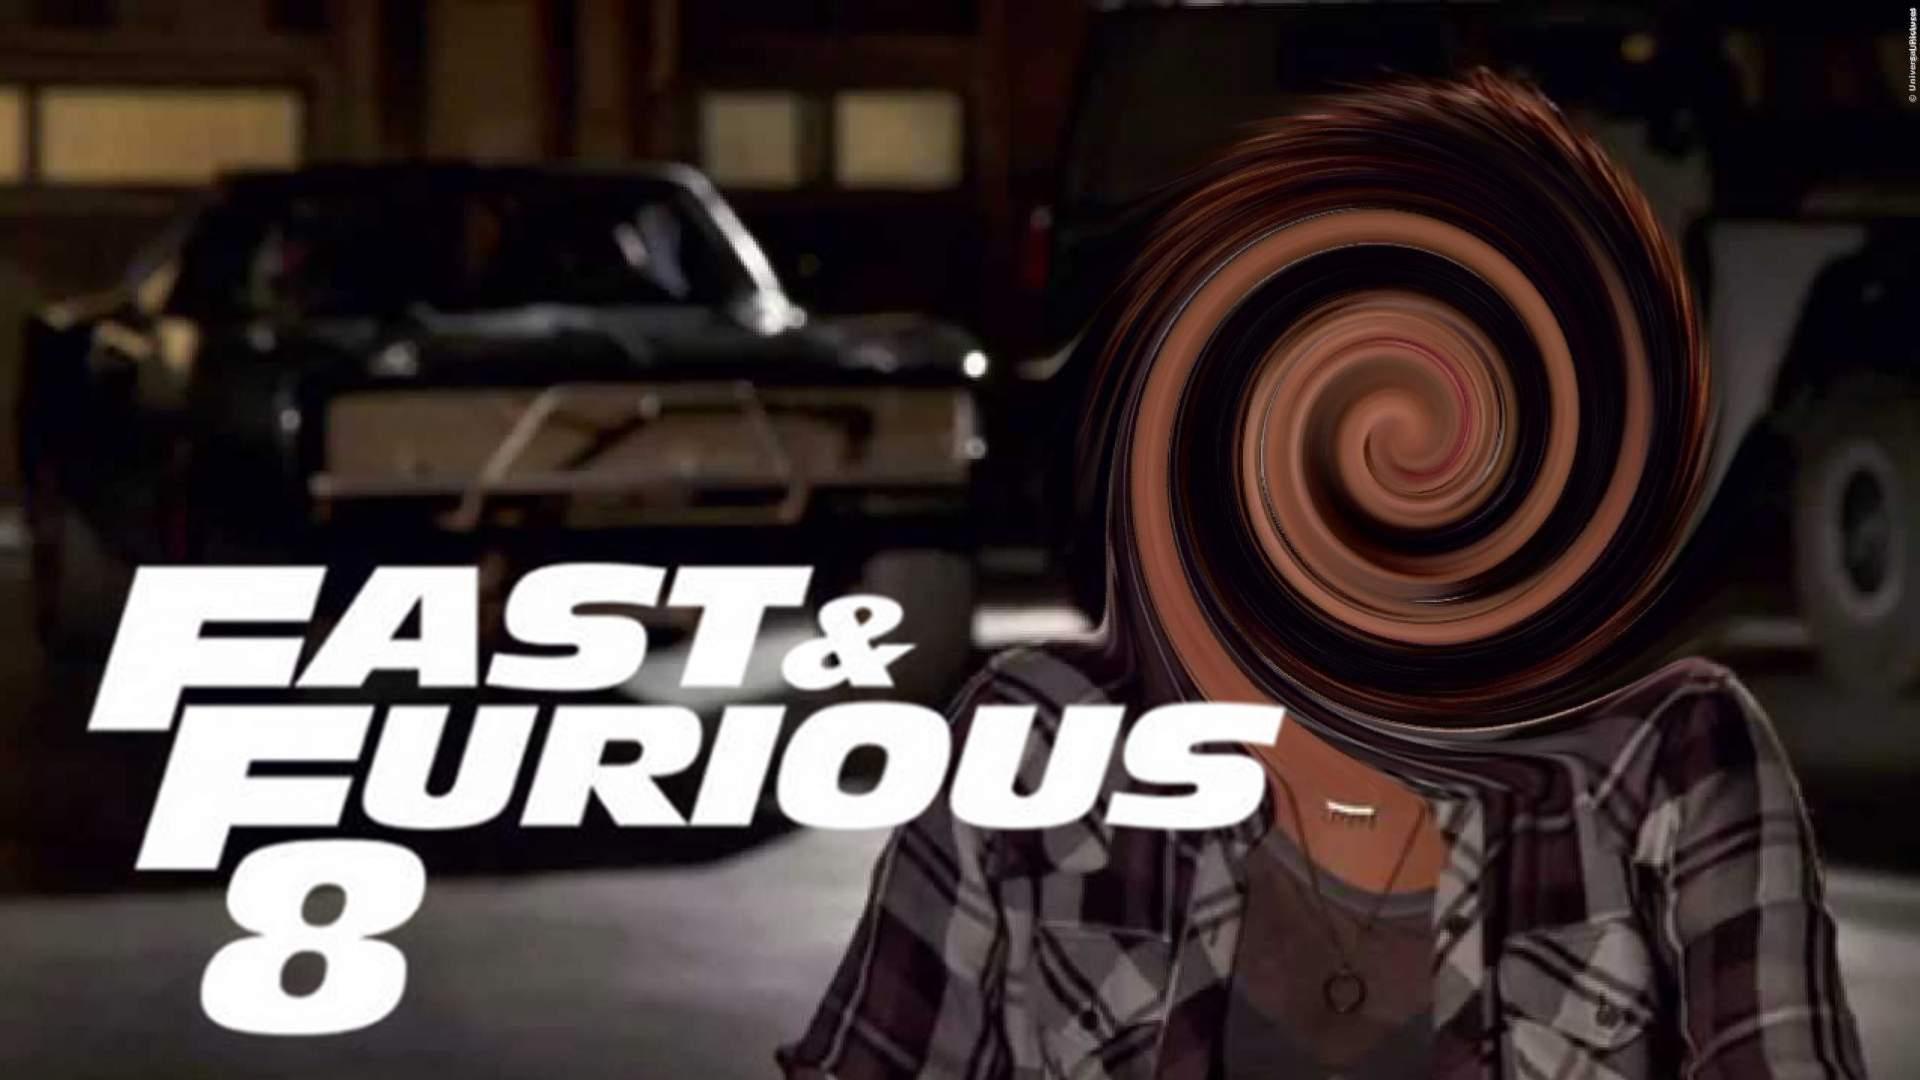 fast and furious 8 dieser star kehrt zur ck trailerseite film tv. Black Bedroom Furniture Sets. Home Design Ideas